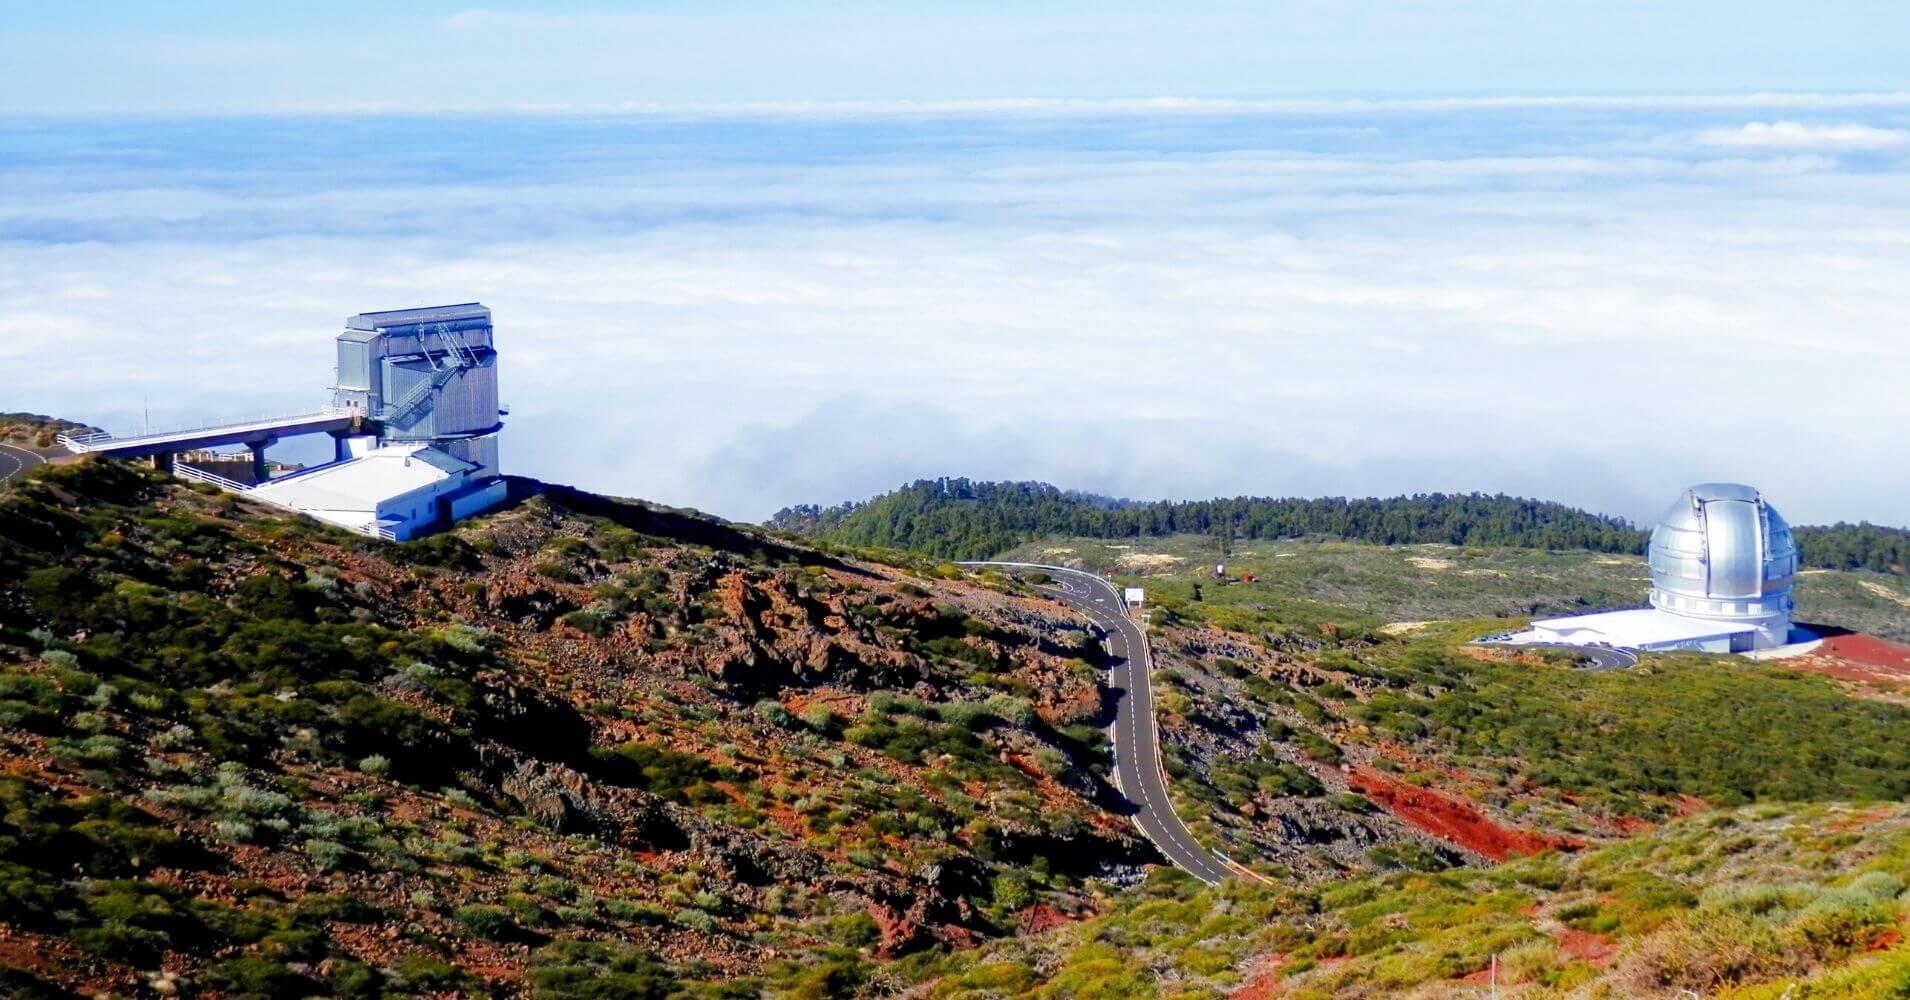 Observatorios Galileo y Canarias. La Palma a ritmo lento. Isla de La Palma. Islas Canarias.